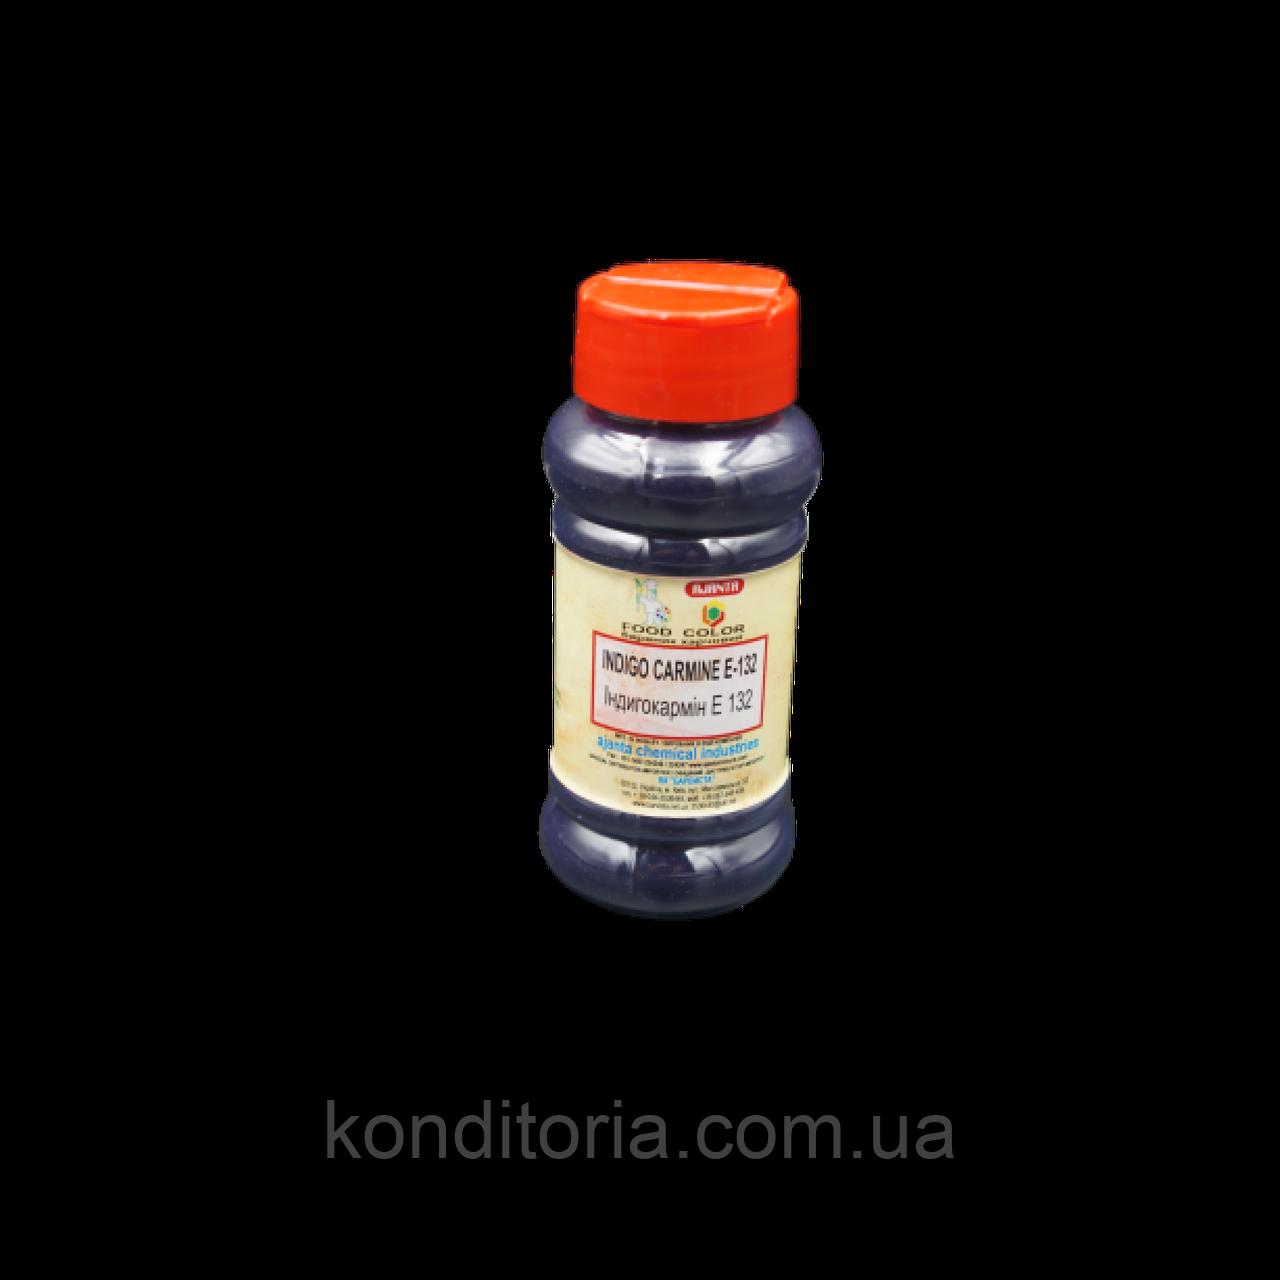 Пищевой краситель AJANTA Индигокармин E132 (ИНДИЯ)